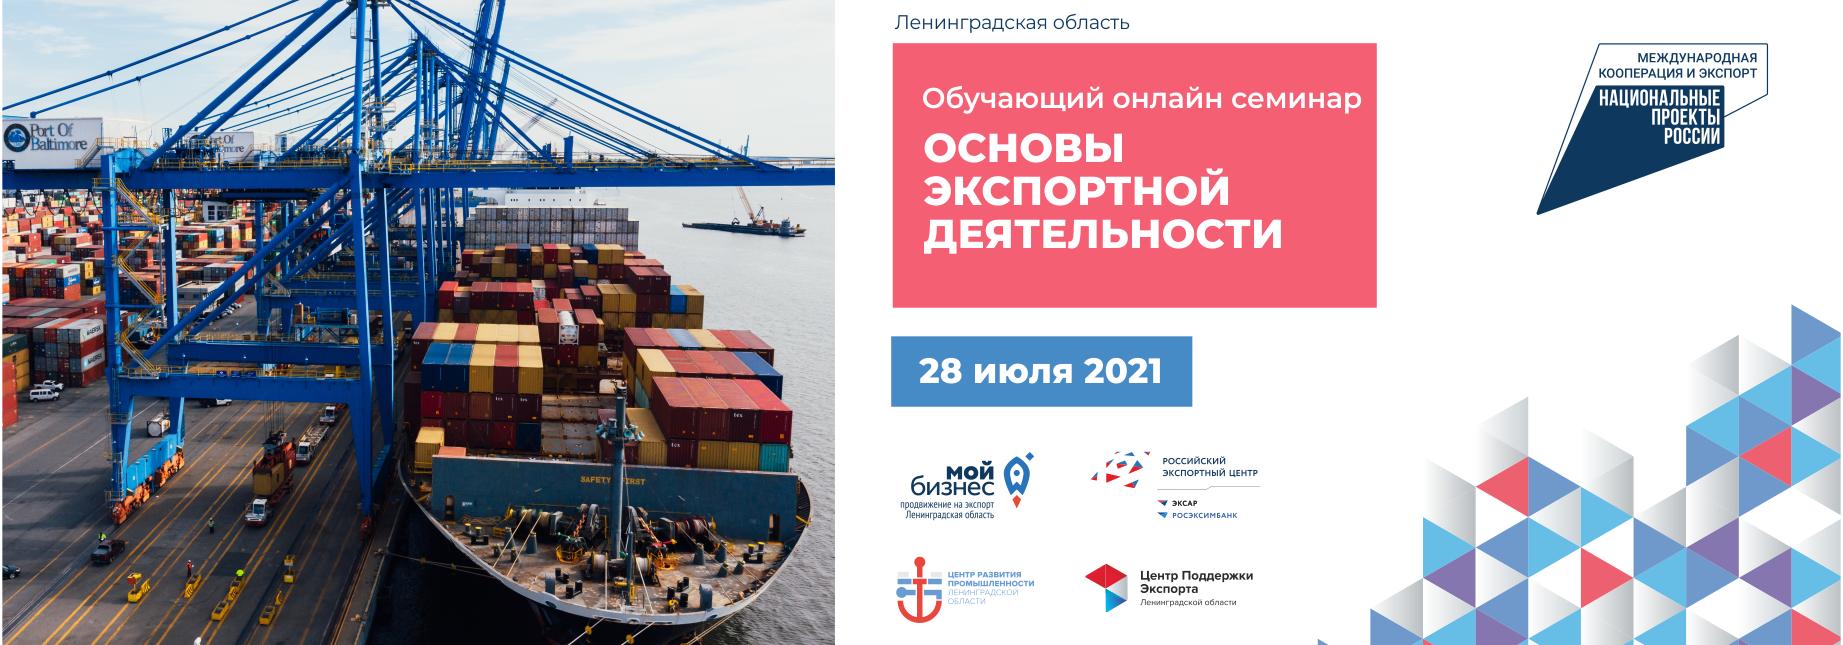 Онлайн семинар «Основы экспортной деятельности»